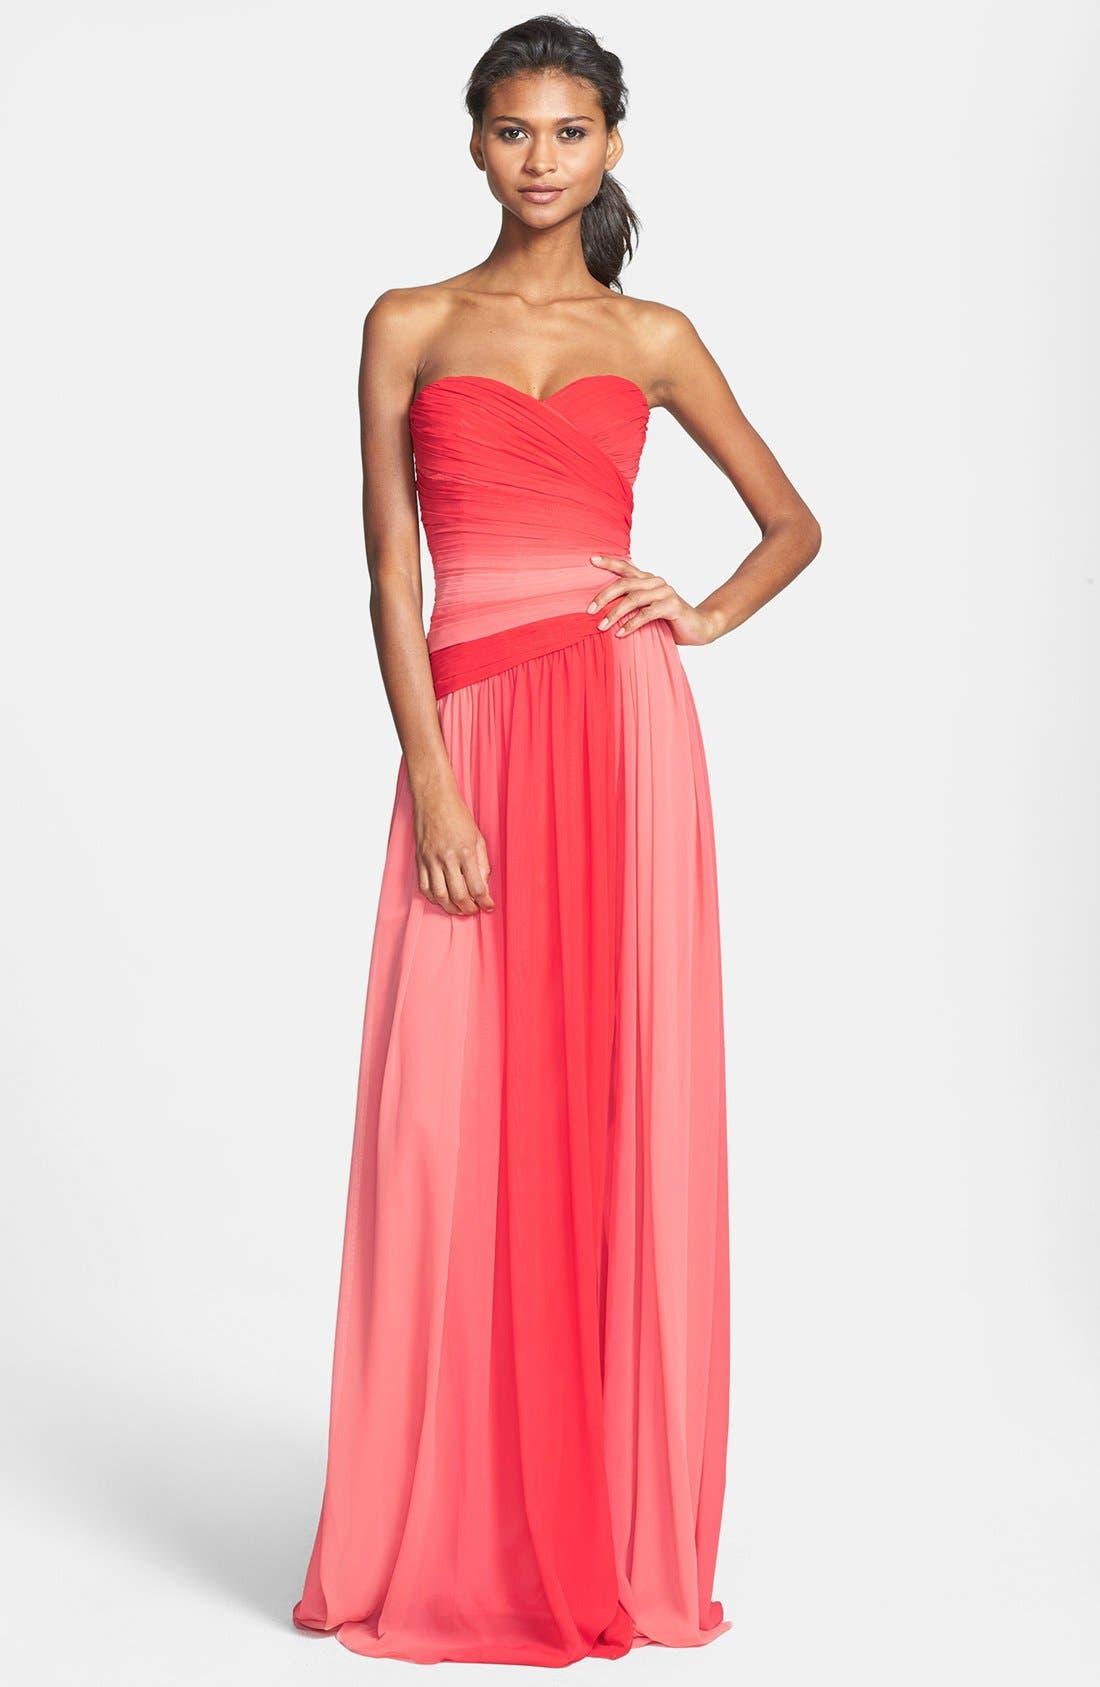 Alternate Image 1 Selected - ML Monique Lhuillier Bridesmaids Ombré Chiffon Gown